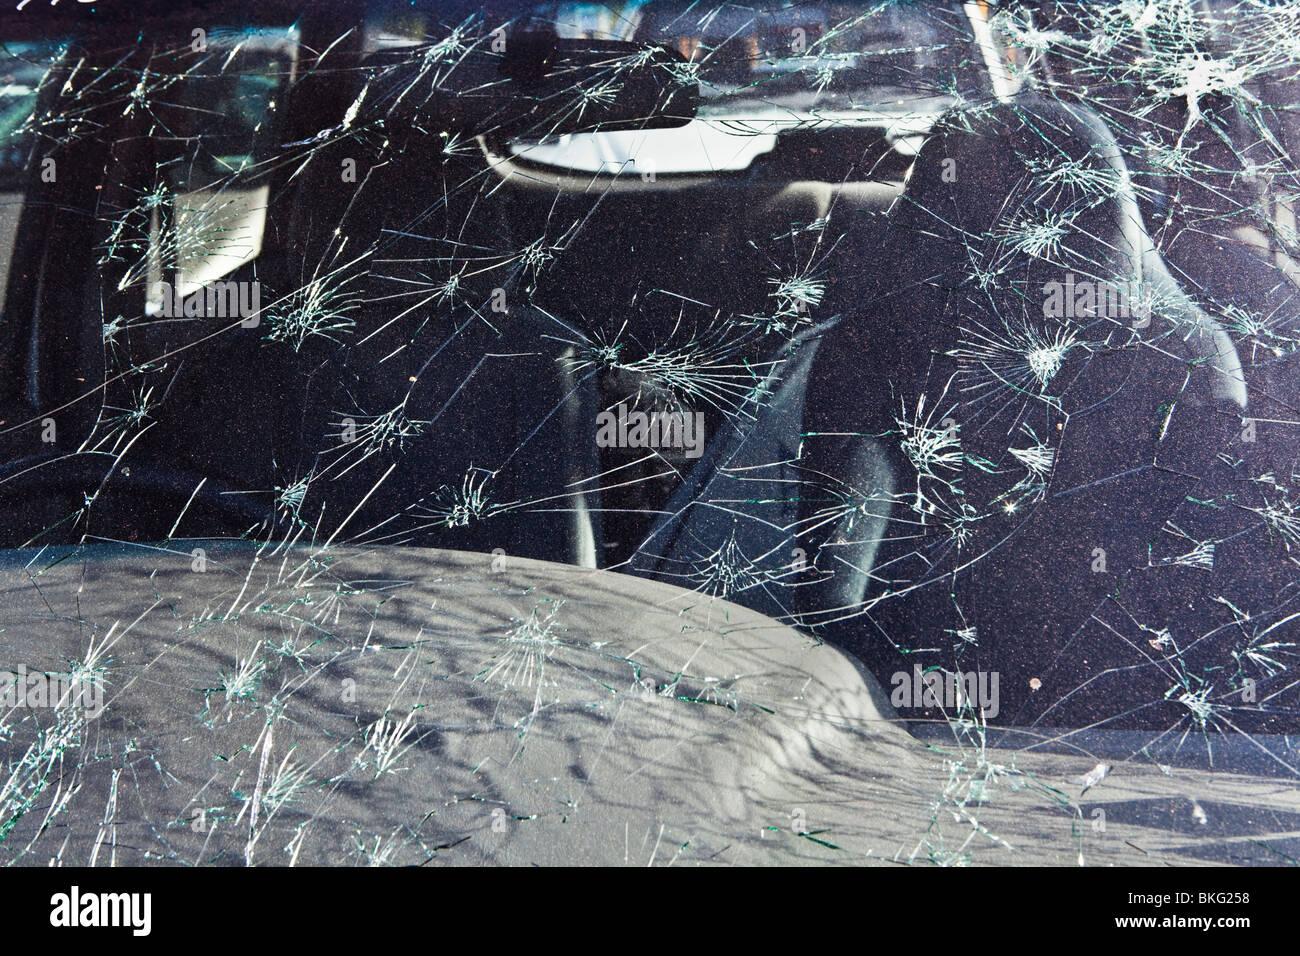 Parabrisas roto del coche de los daños causados por la tormenta de granizo Imagen De Stock